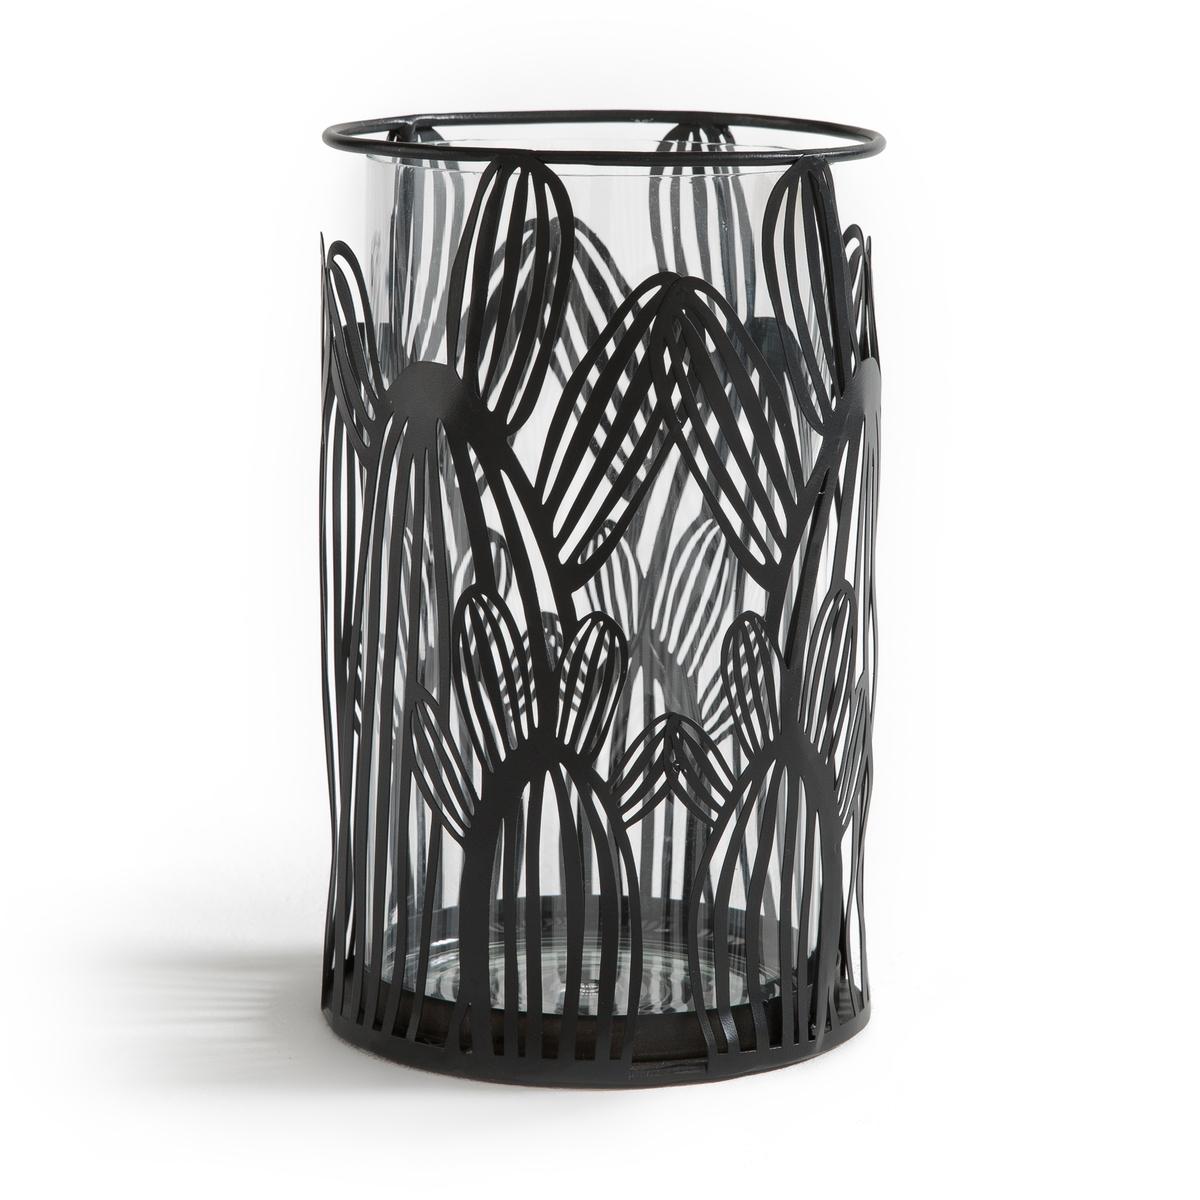 Подсвечник в виде кактуса из стекла и металла, DORIOОписание:Подсвечник из стекла и металла DORIO. Ажурный предмет декора красиво рассеет свет свечи.Характеристики подсвечника DORIO :Из стекла и металла для свечи ? 7 см (в комплект не входит)Размеры подсвечника DORIO :Диаметр : 13 см. Высота : 21 см<br><br>Цвет: латунь,черный